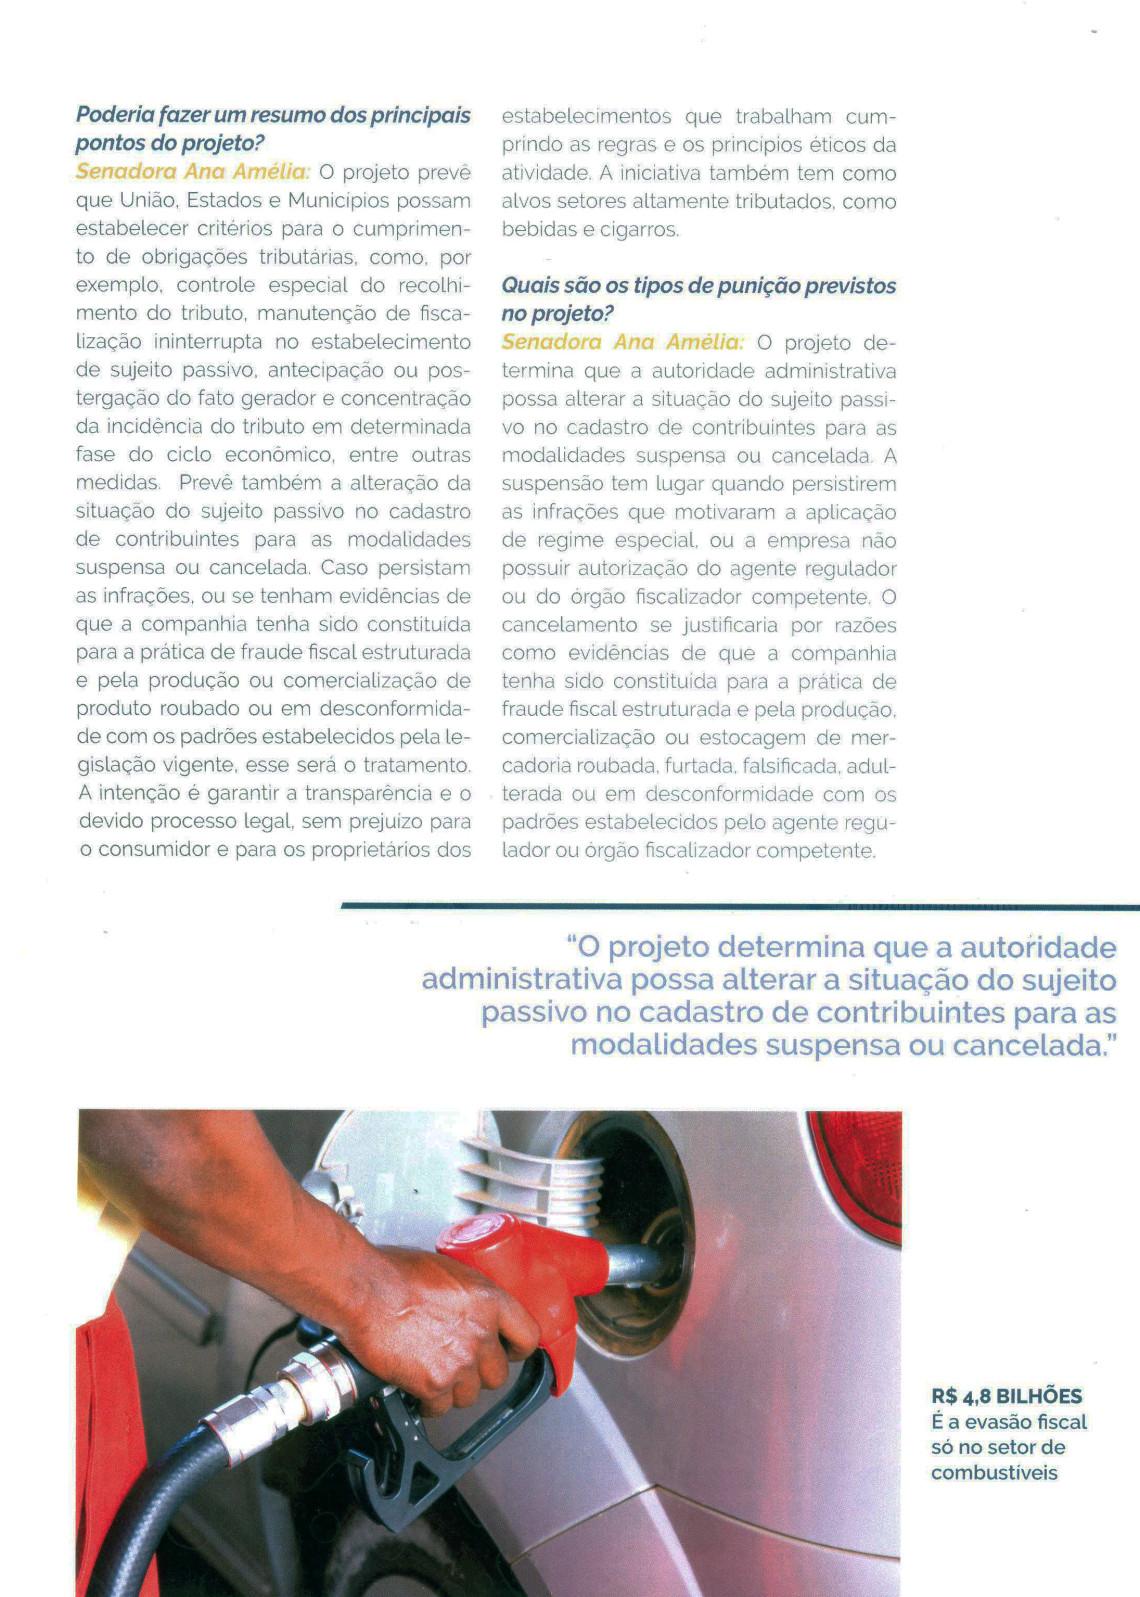 Revista ETCO: Ana Amélia fala sobre projeto para combater sonegação e concorrência desleal